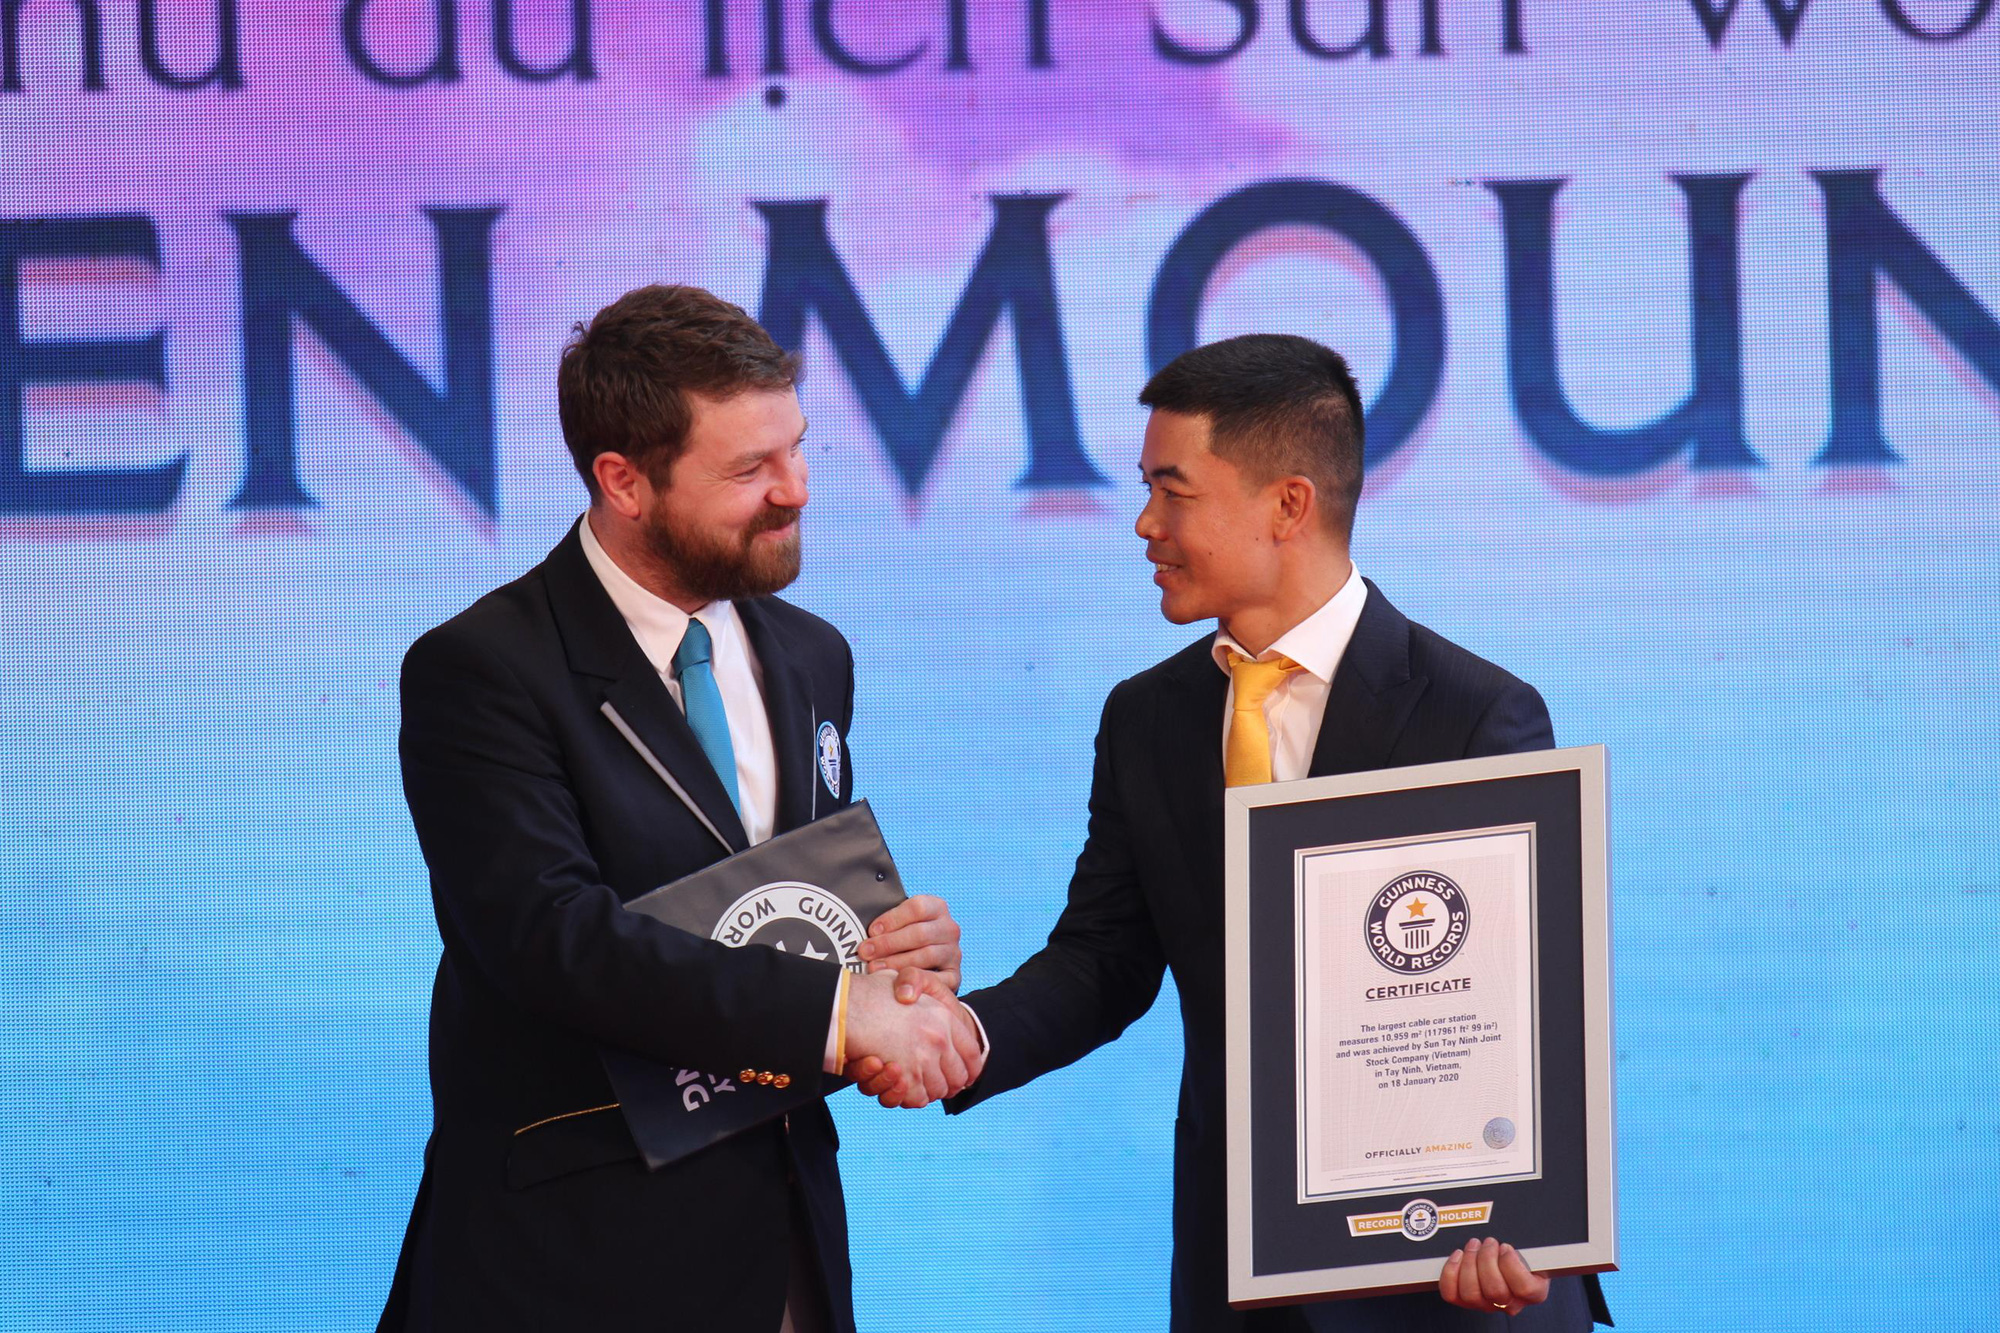 """Khai trương hệ thống cáp treo sở hữu kỷ lục """"Nhà ga cáp treo lớn nhất thế giới"""" tại Tây Ninh - Ảnh 2."""